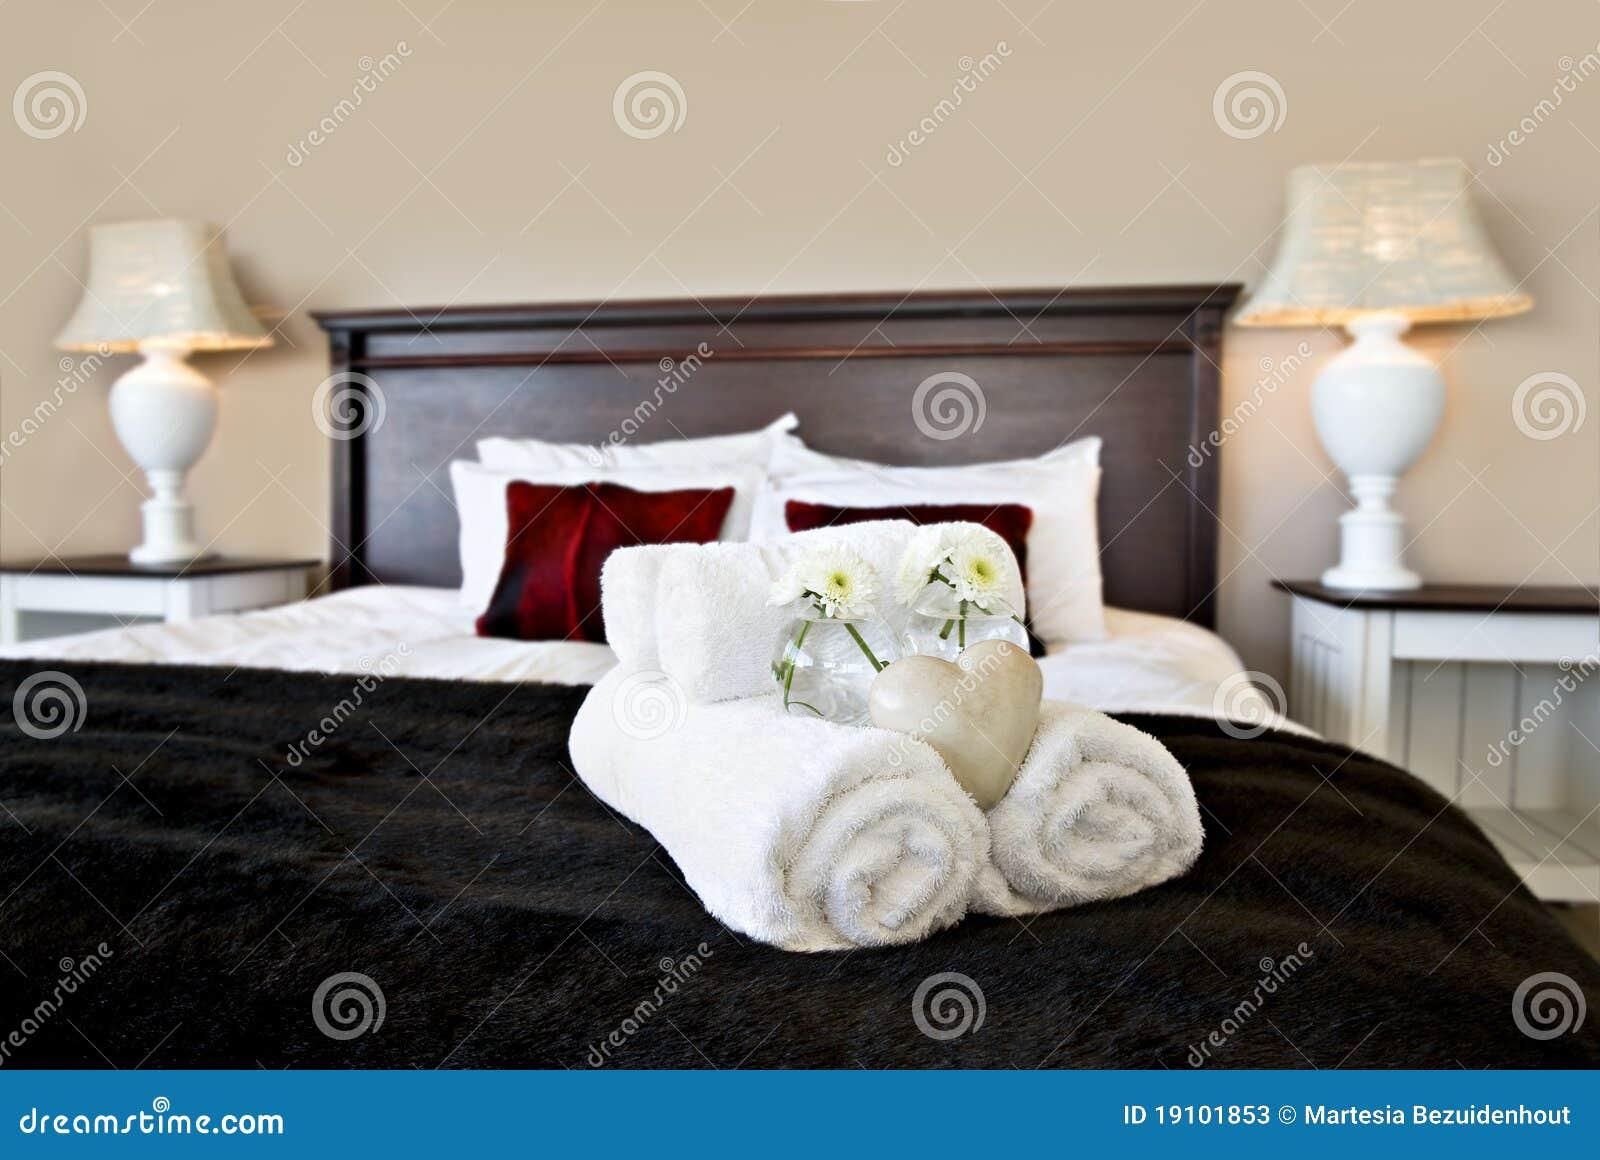 Camera Per Ospiti : Camera da letto pronta per gli ospiti immagine stock immagine di